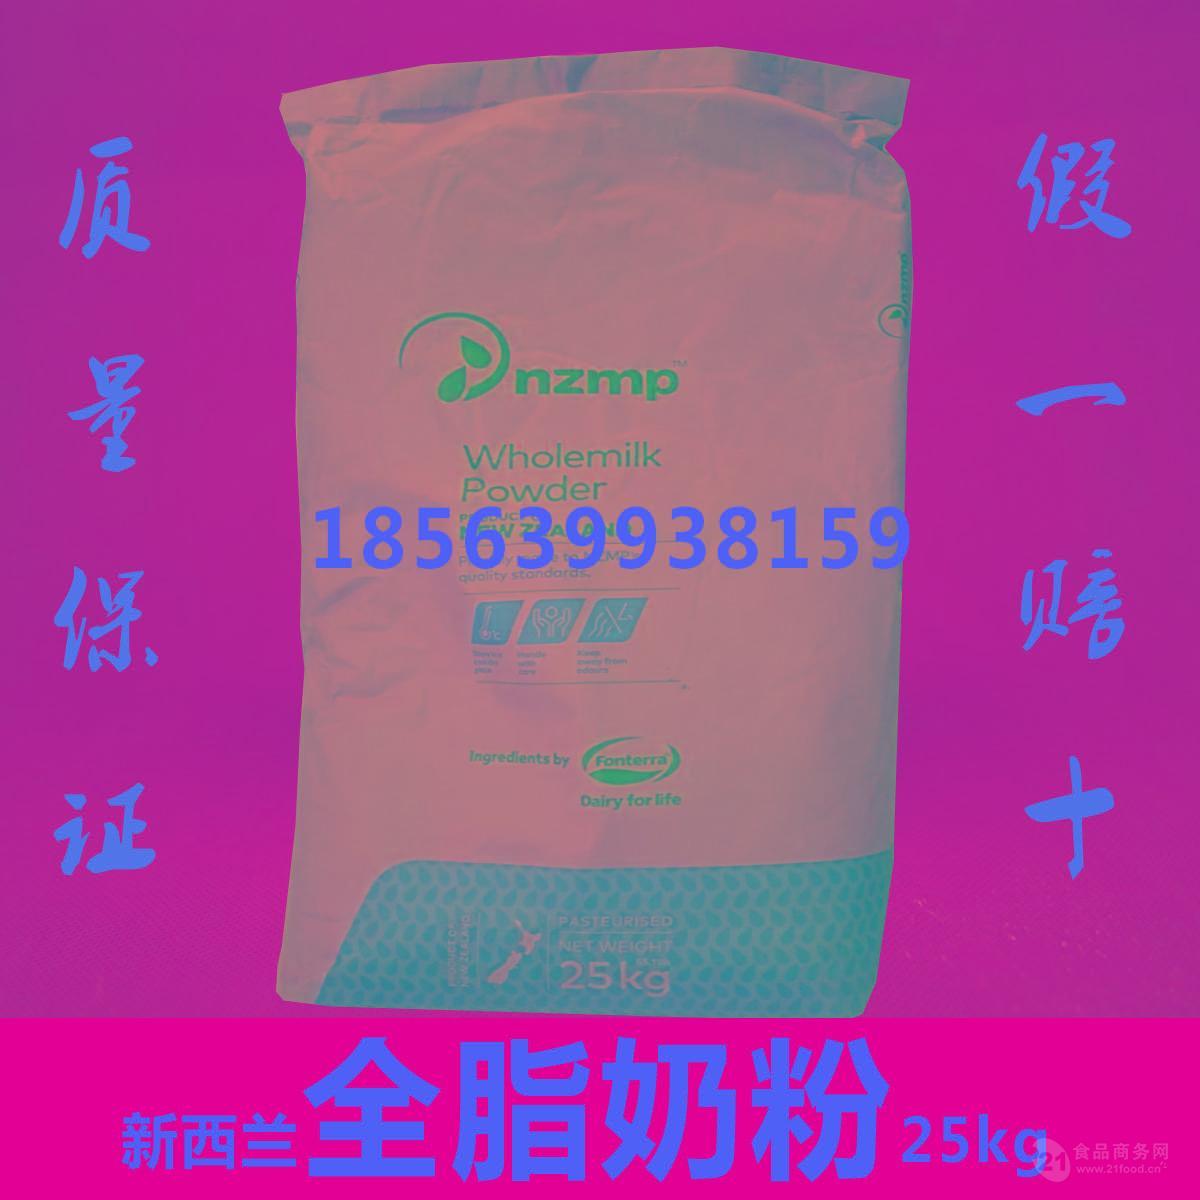 食品级全脂奶粉 全脂乳粉价格 恒天然奶粉